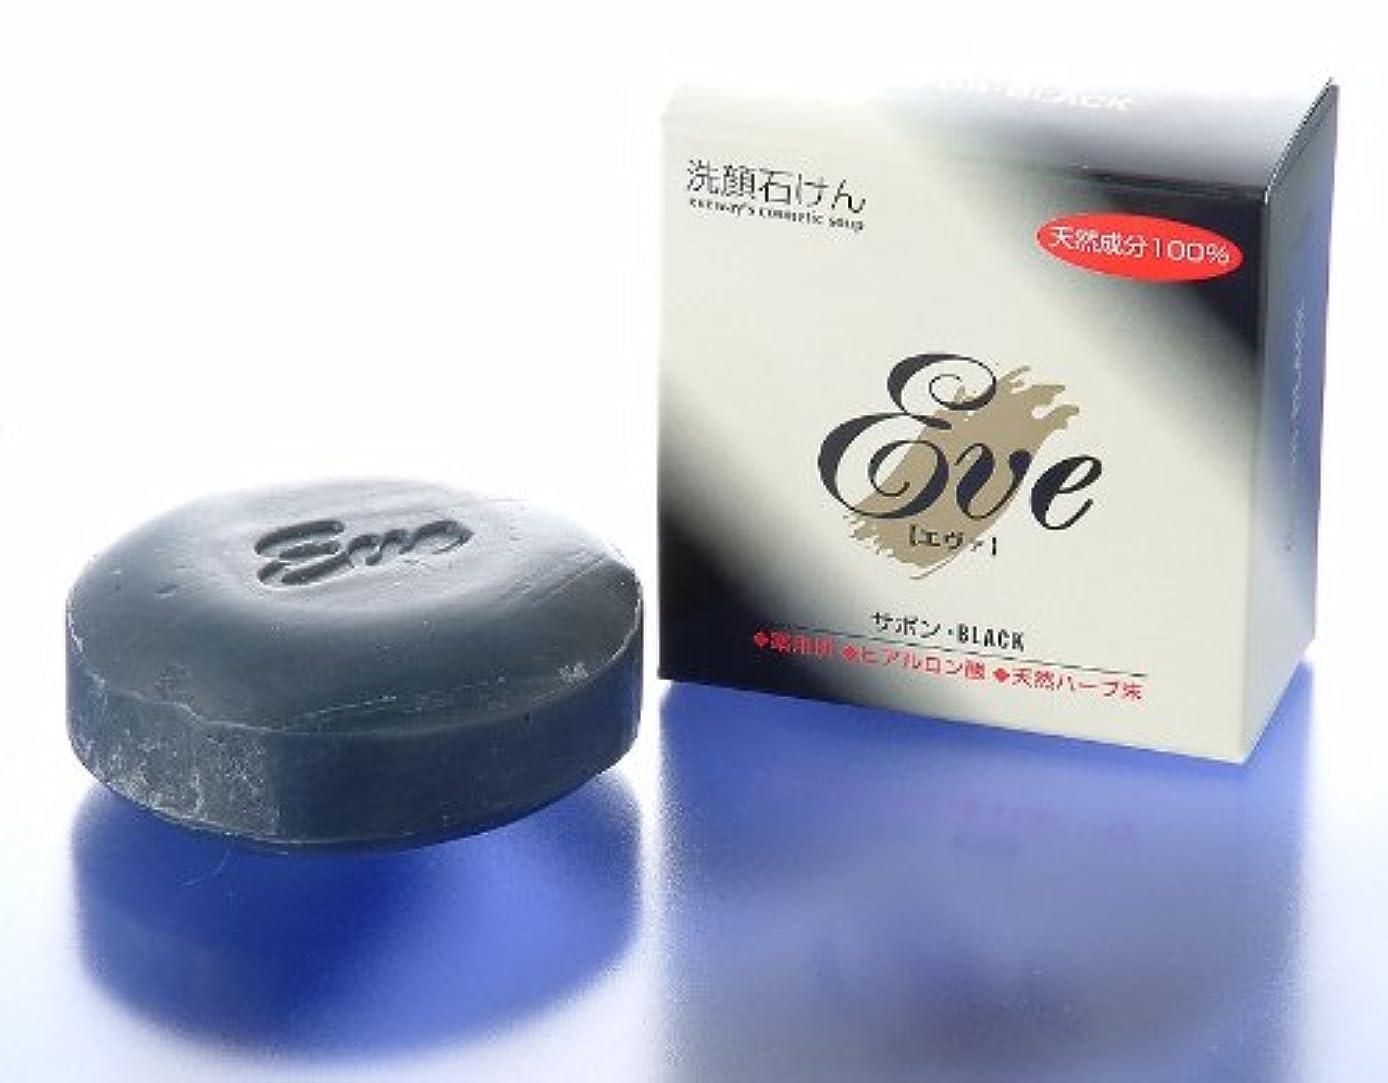 メイド強調勃起洗顔 化粧石鹸 サボンブラック クレンジングの要らない石鹸です。